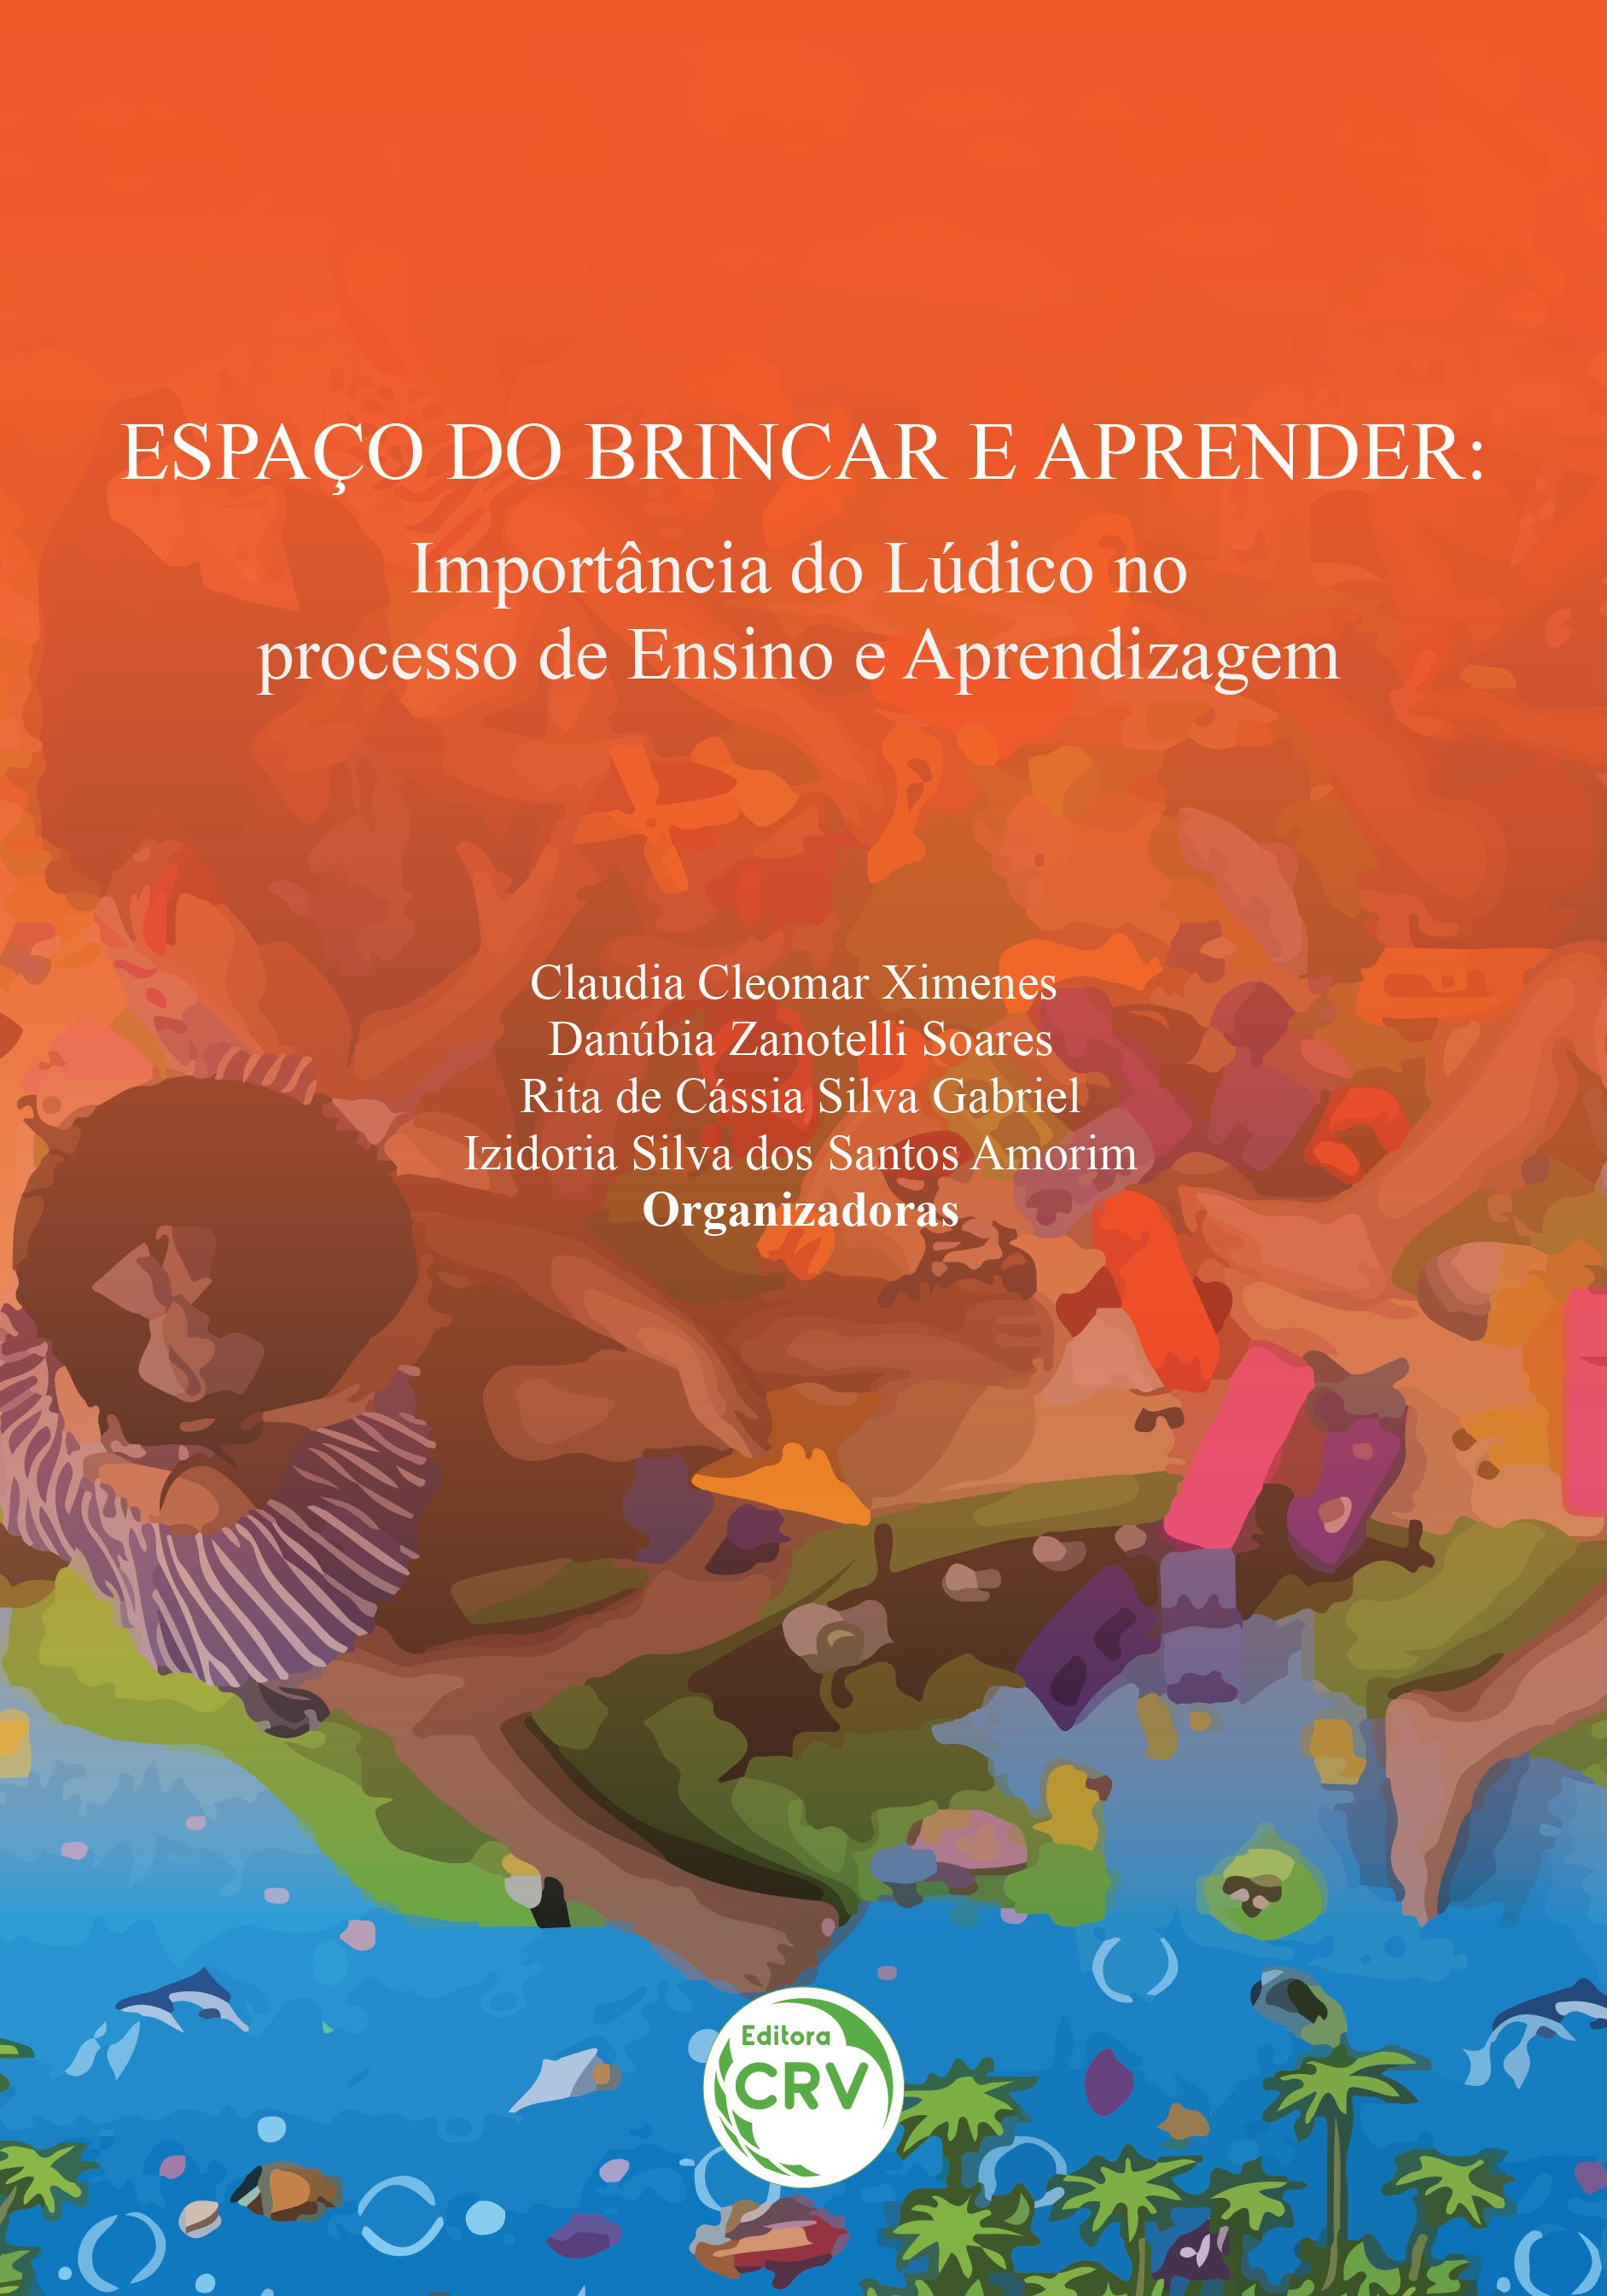 Capa do livro: ESPAÇO DO BRINCAR E APRENDER: <br>importância do lúdico no processo de ensino e aprendizagem